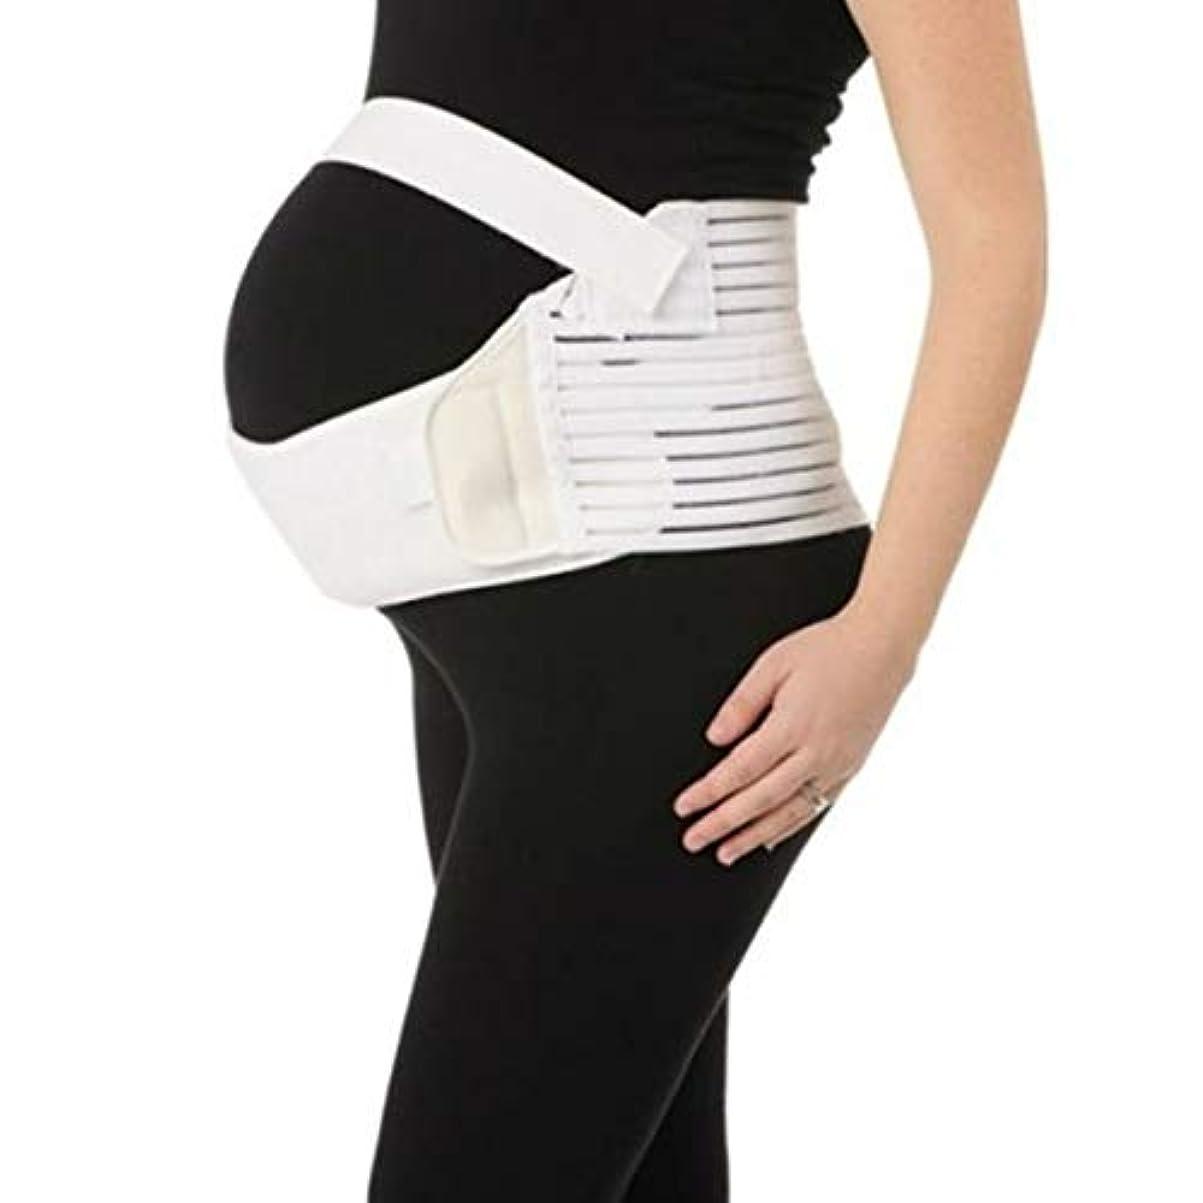 サークルペルソナ隠通気性マタニティベルト妊娠腹部サポート腹部バインダーガードル運動包帯産後の回復shapewear - ホワイトL